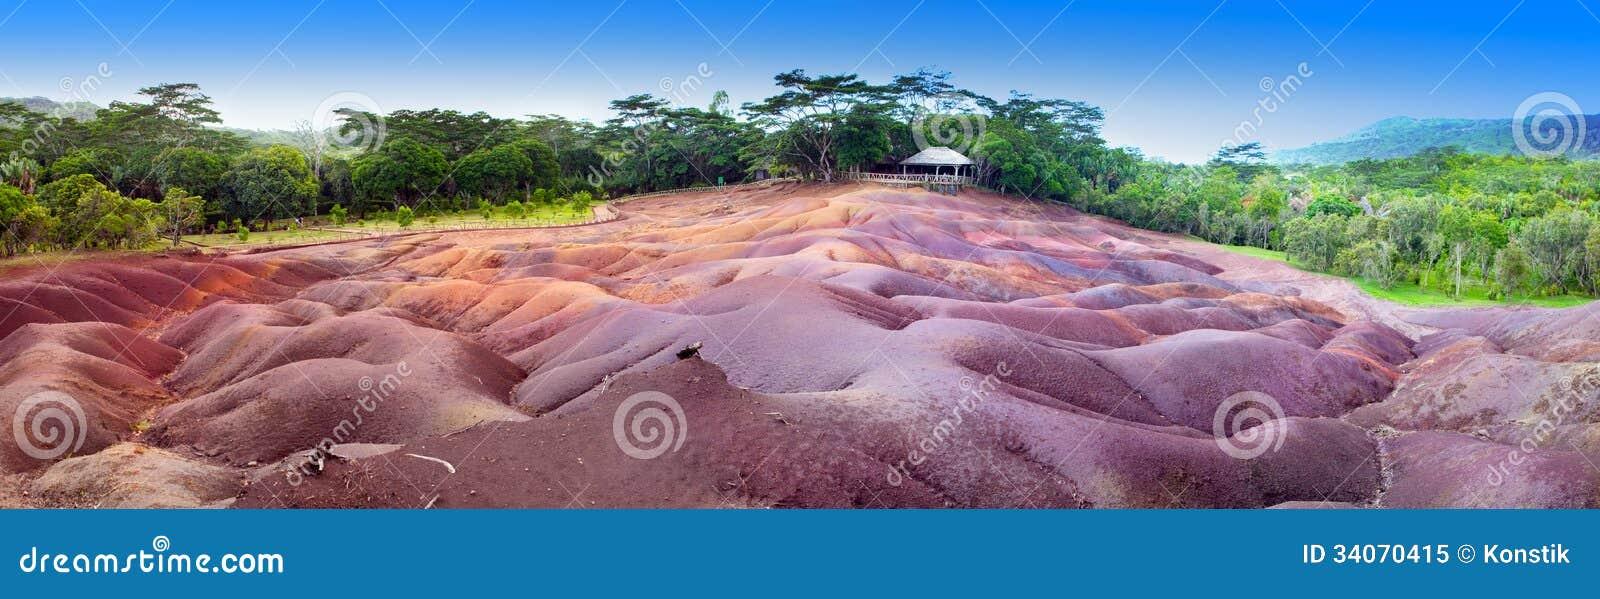 Posto turistico famoso delle mauritius una terra di - Immagine di terra a colori ...